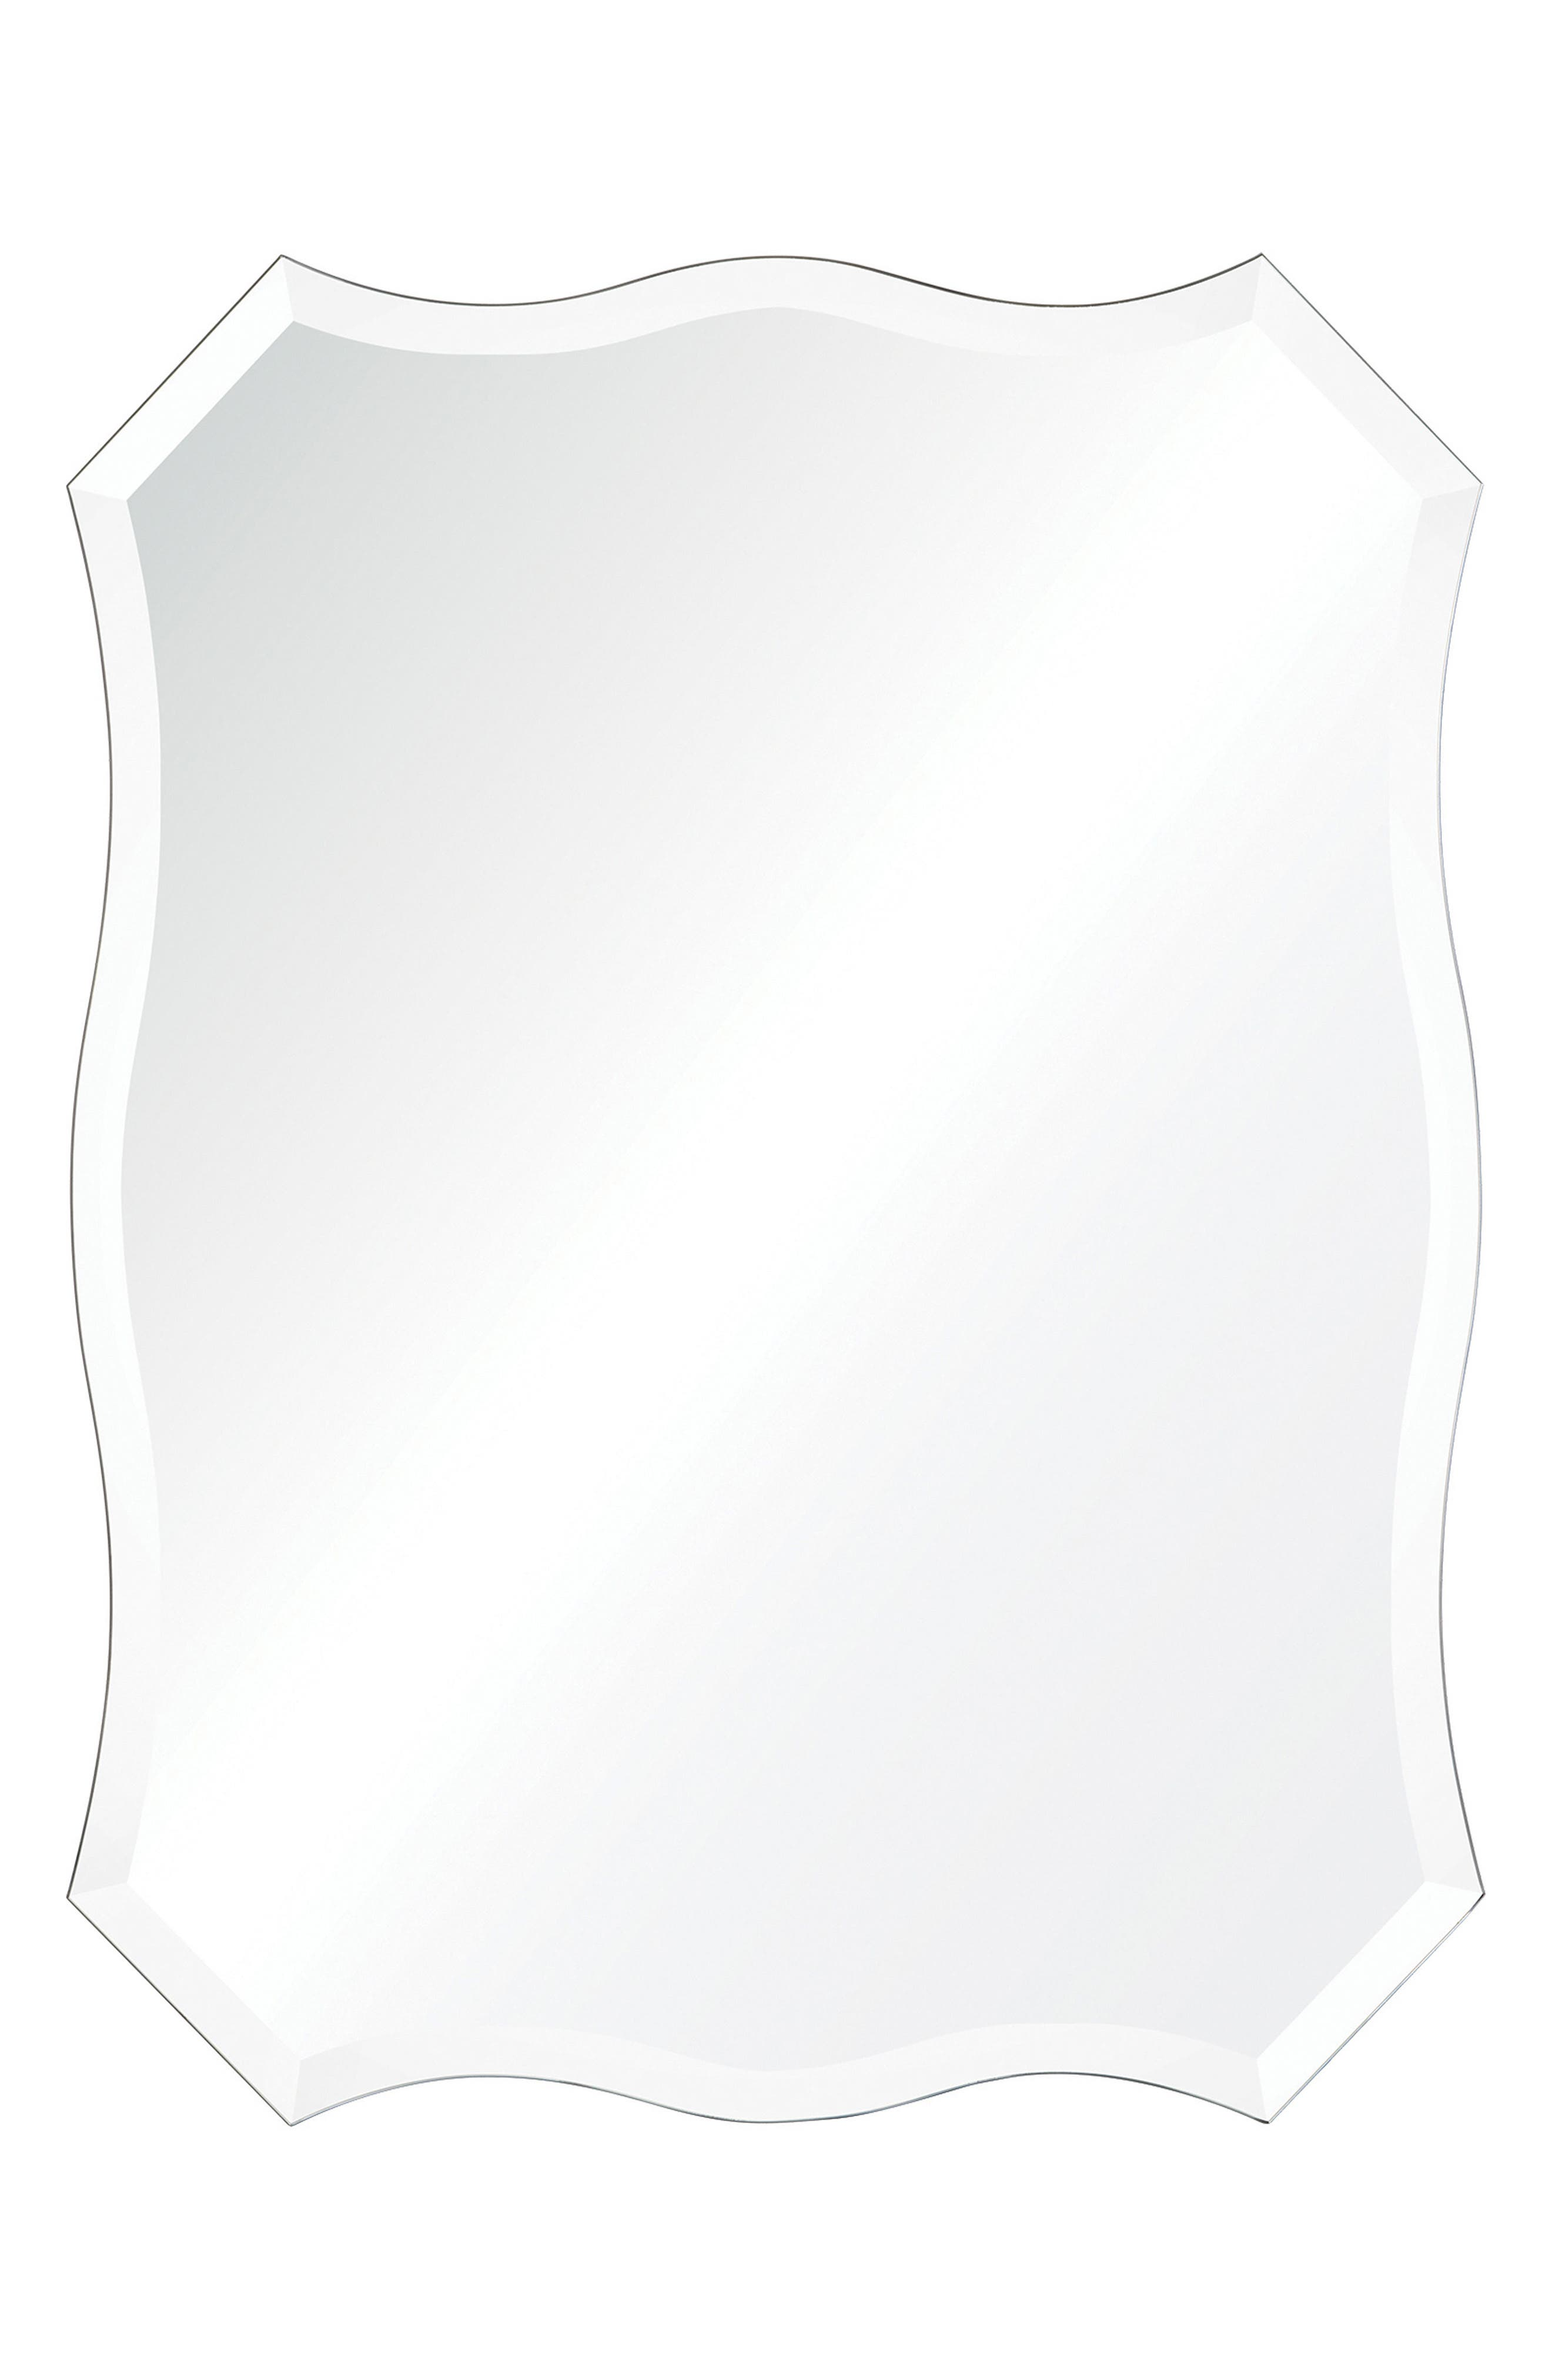 Renwil Otello Mirror